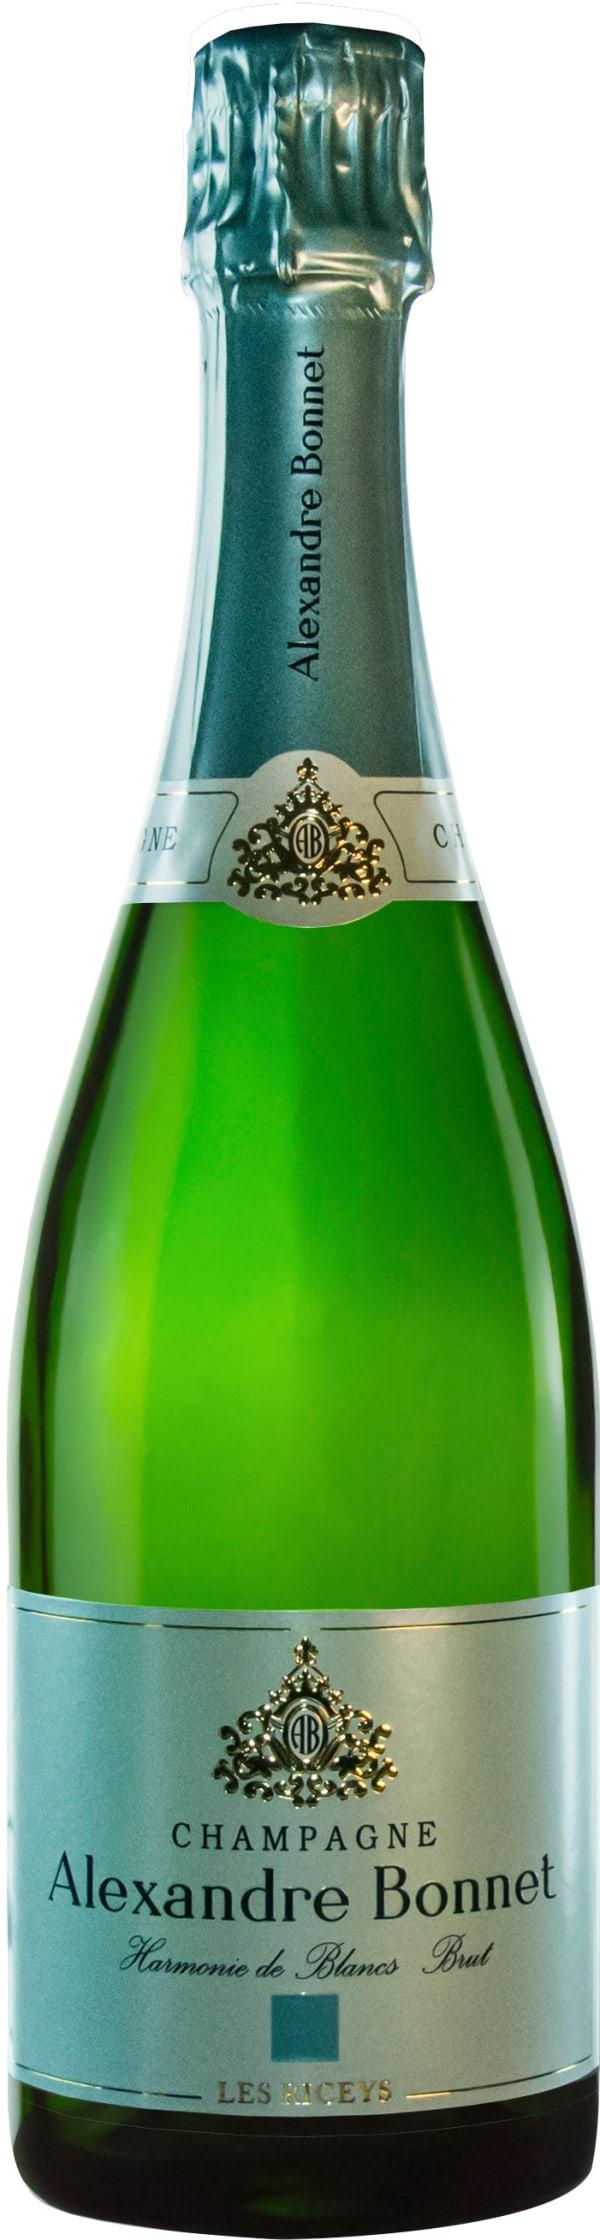 Alexandre Bonnet Harmonie de Blancs Millésime Champagne Extra-Brut 2015